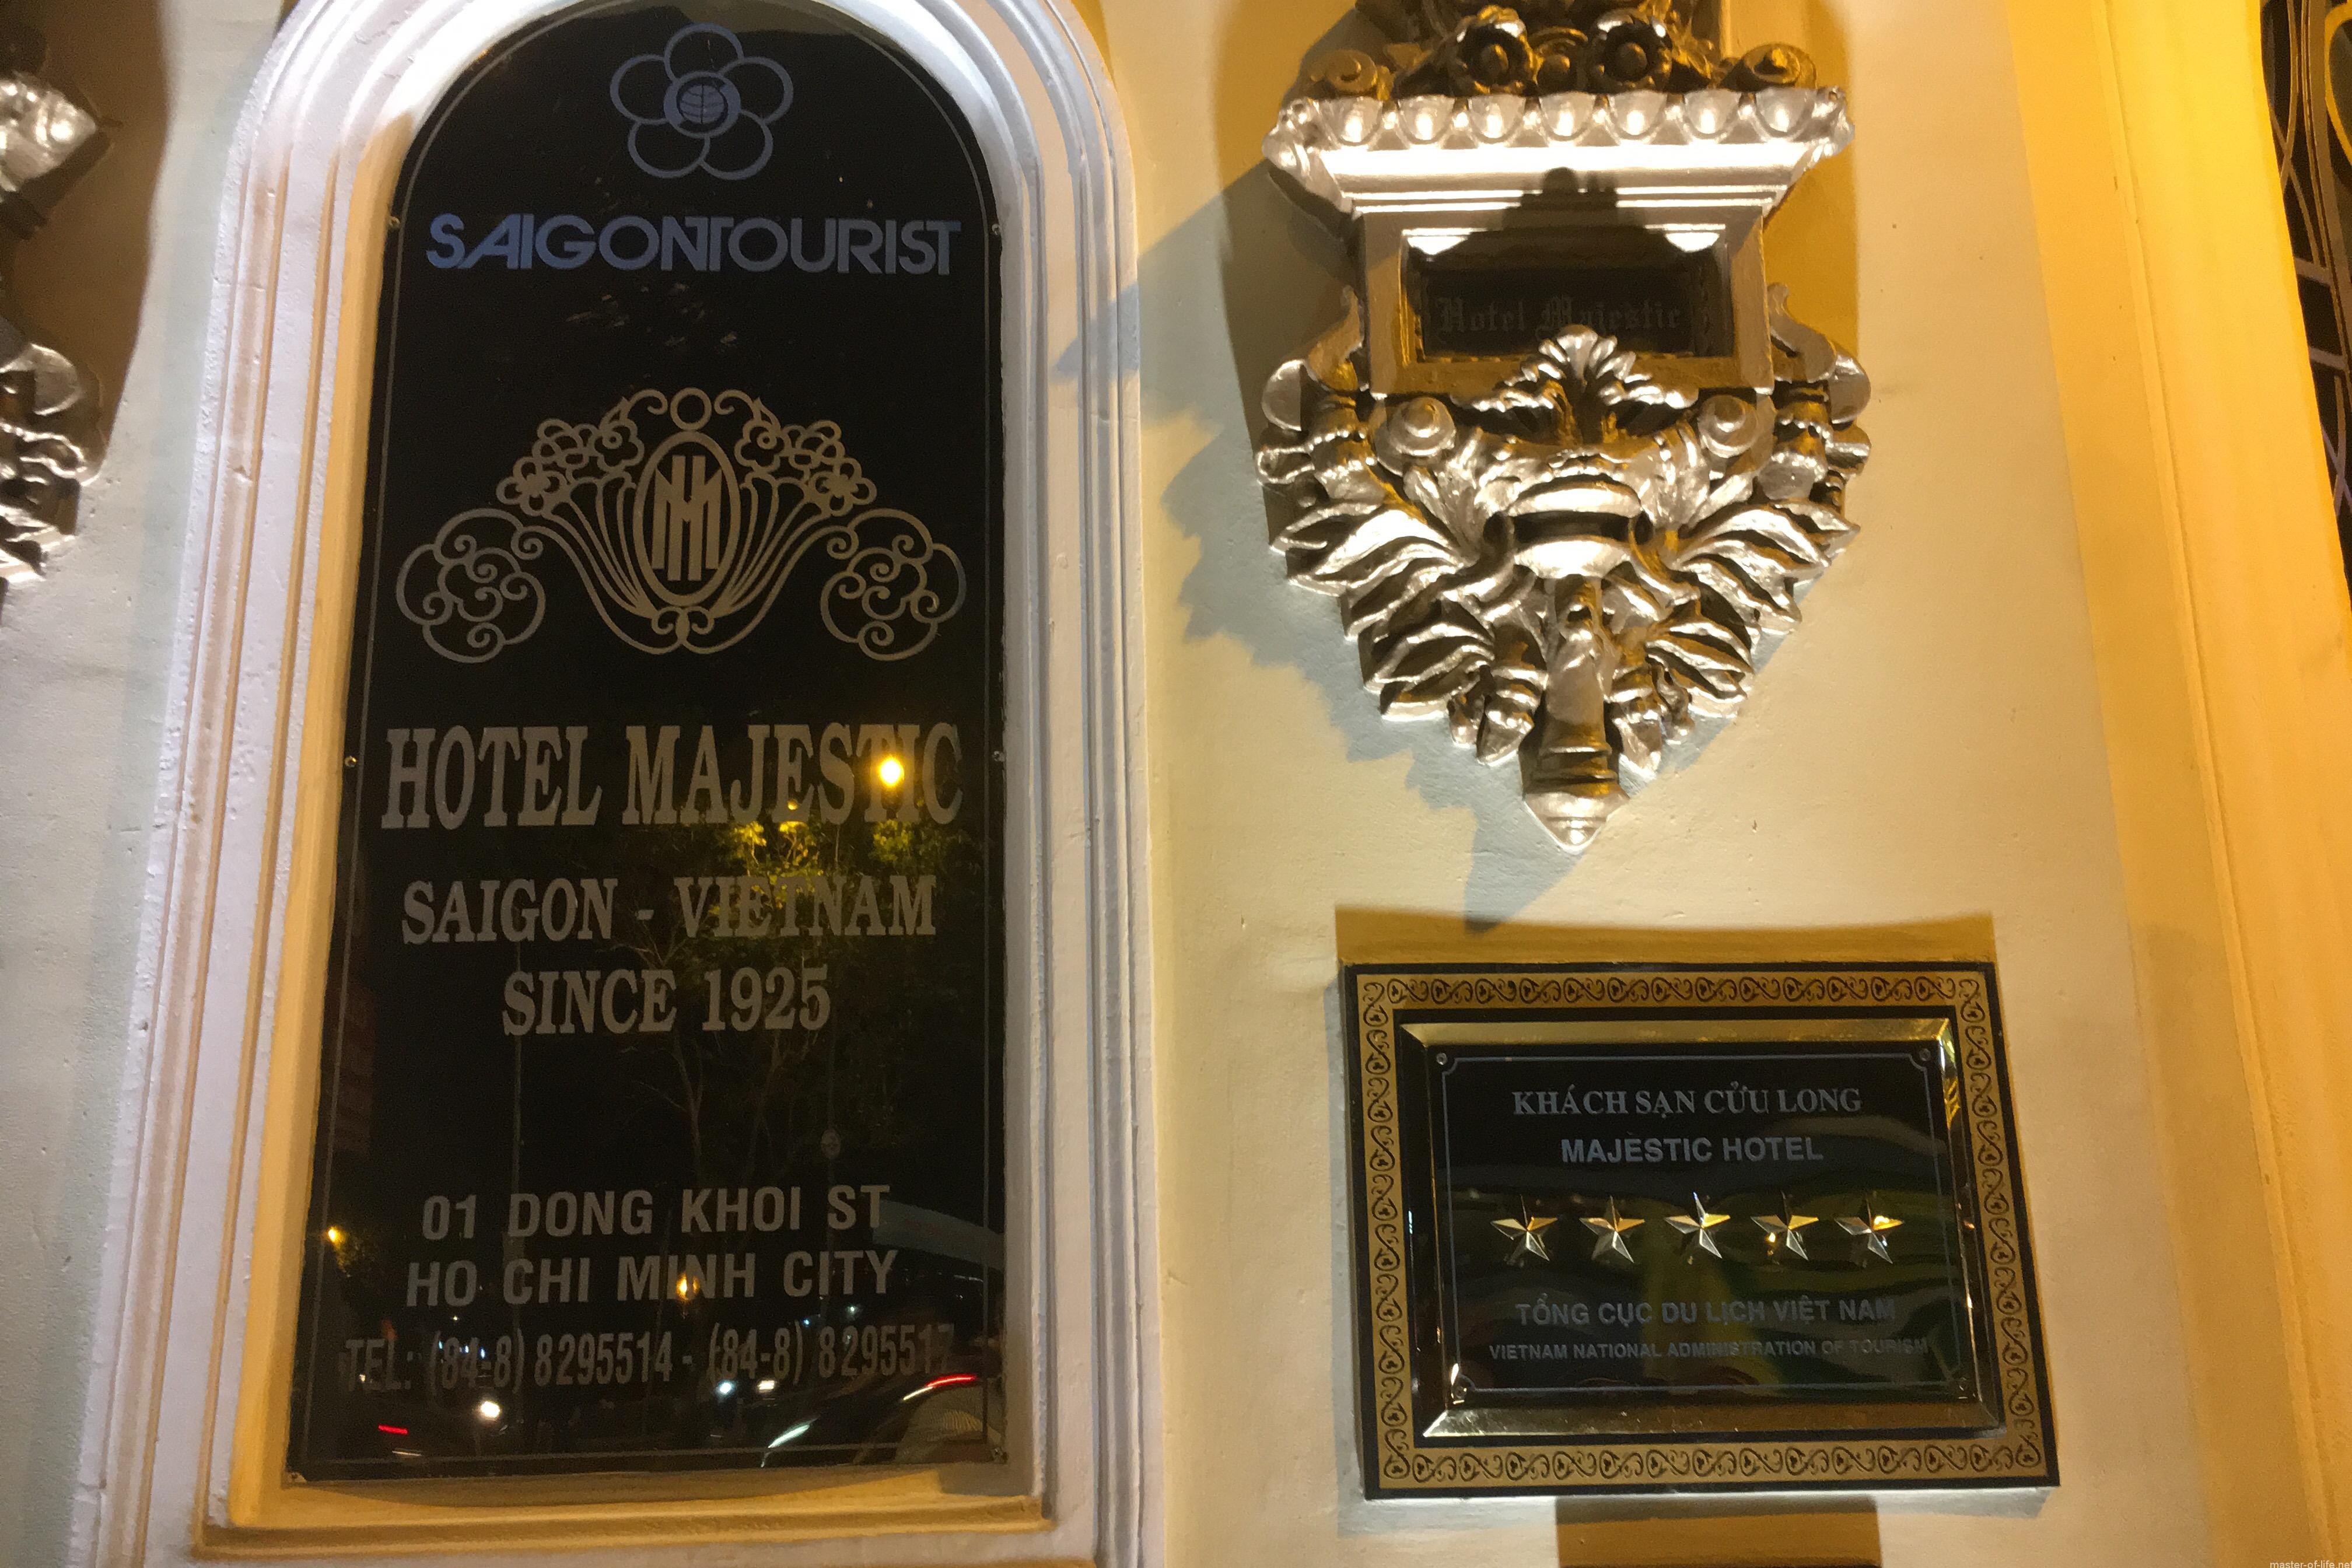 ホテル・マジェスティック・サイゴン